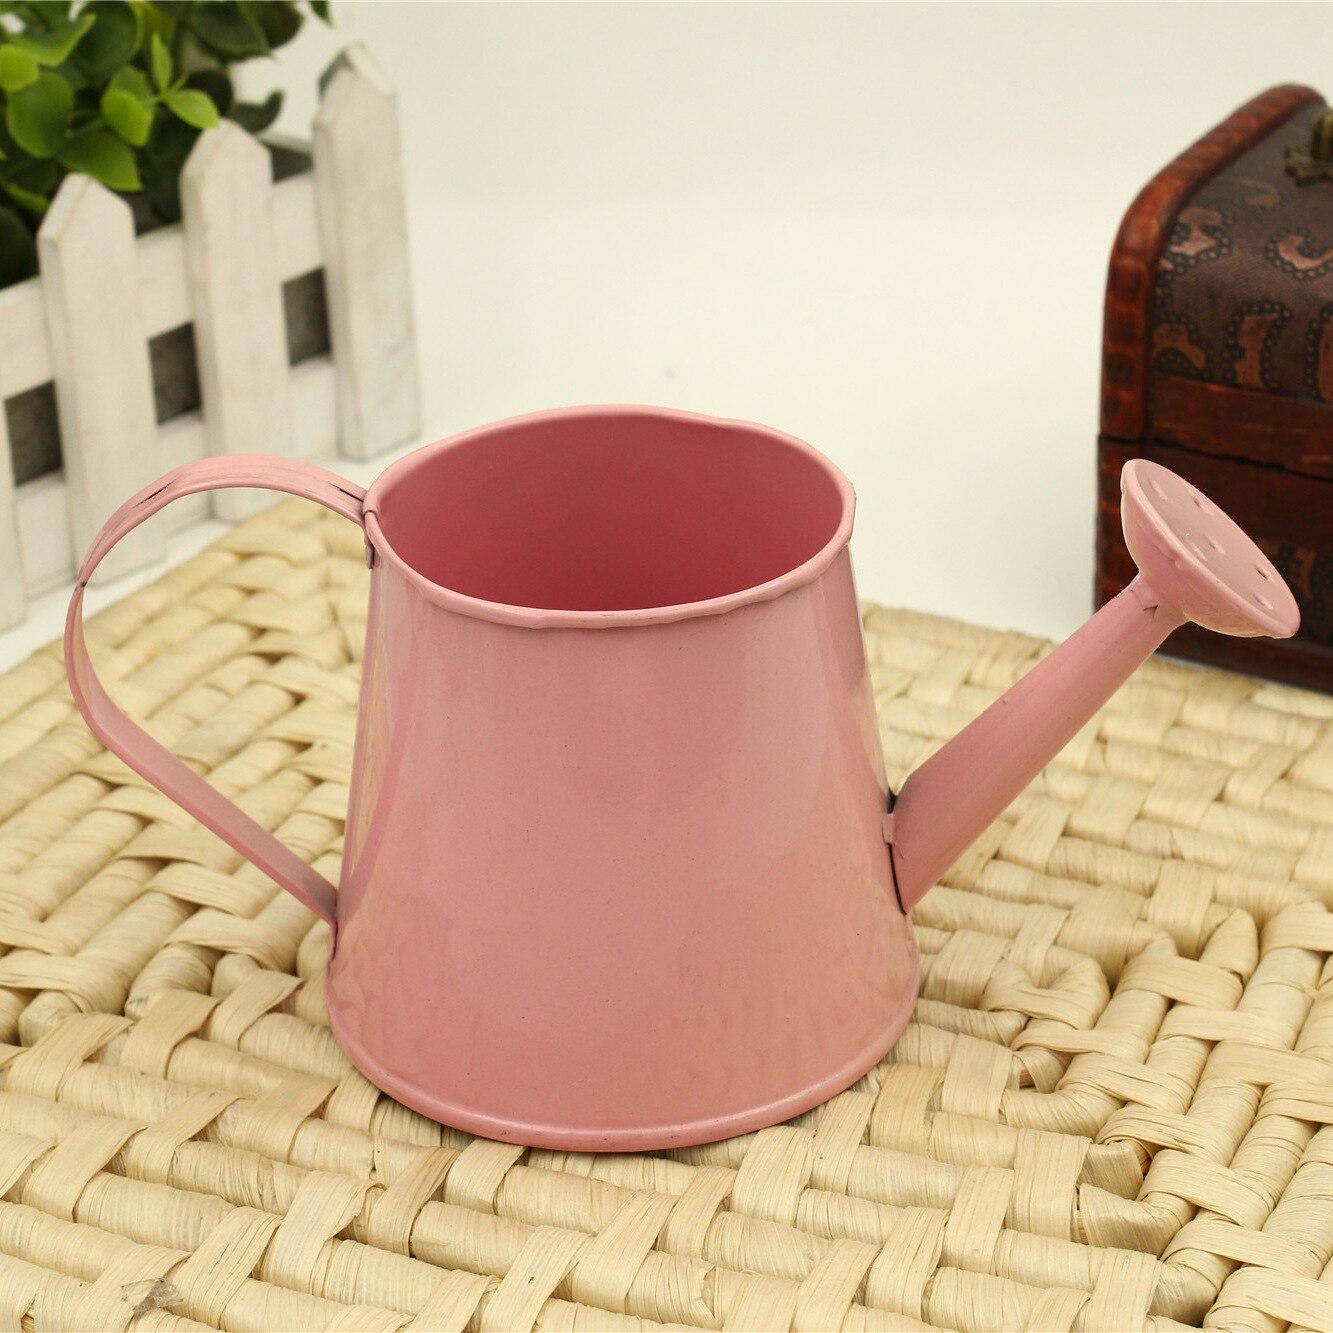 3Pcs pastoralen Stil bunte Metall Zinn Blumentopf Mini Bonsai Gießkanne